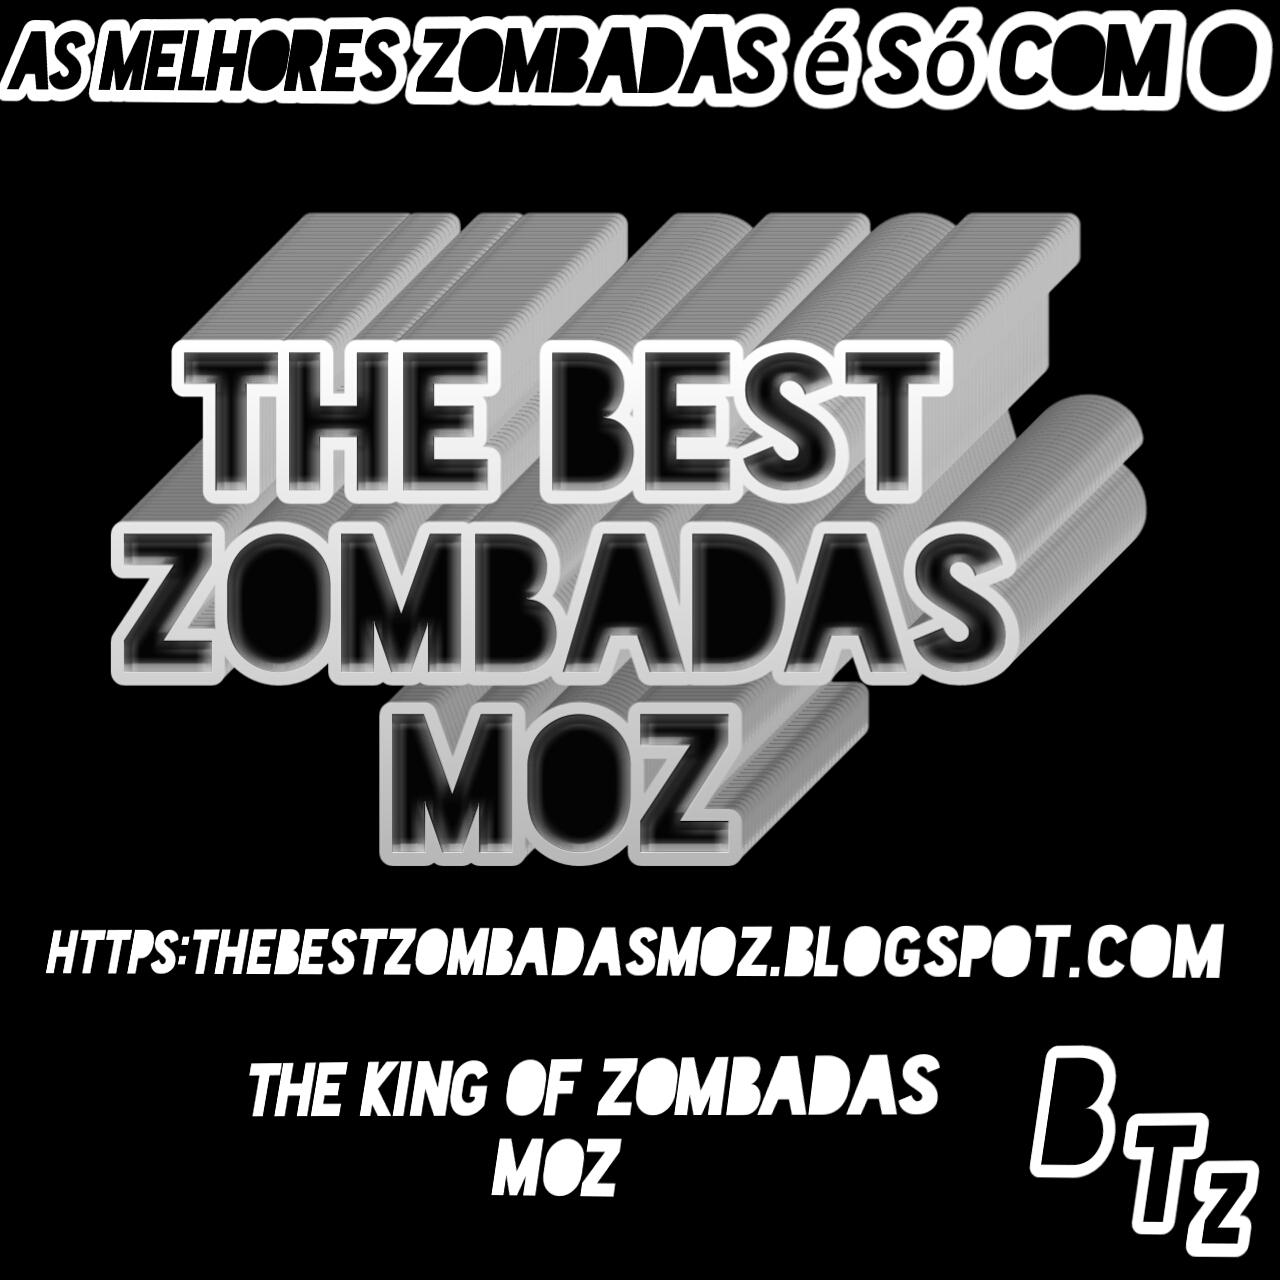 THE BEST ZOMBDAS MOZ